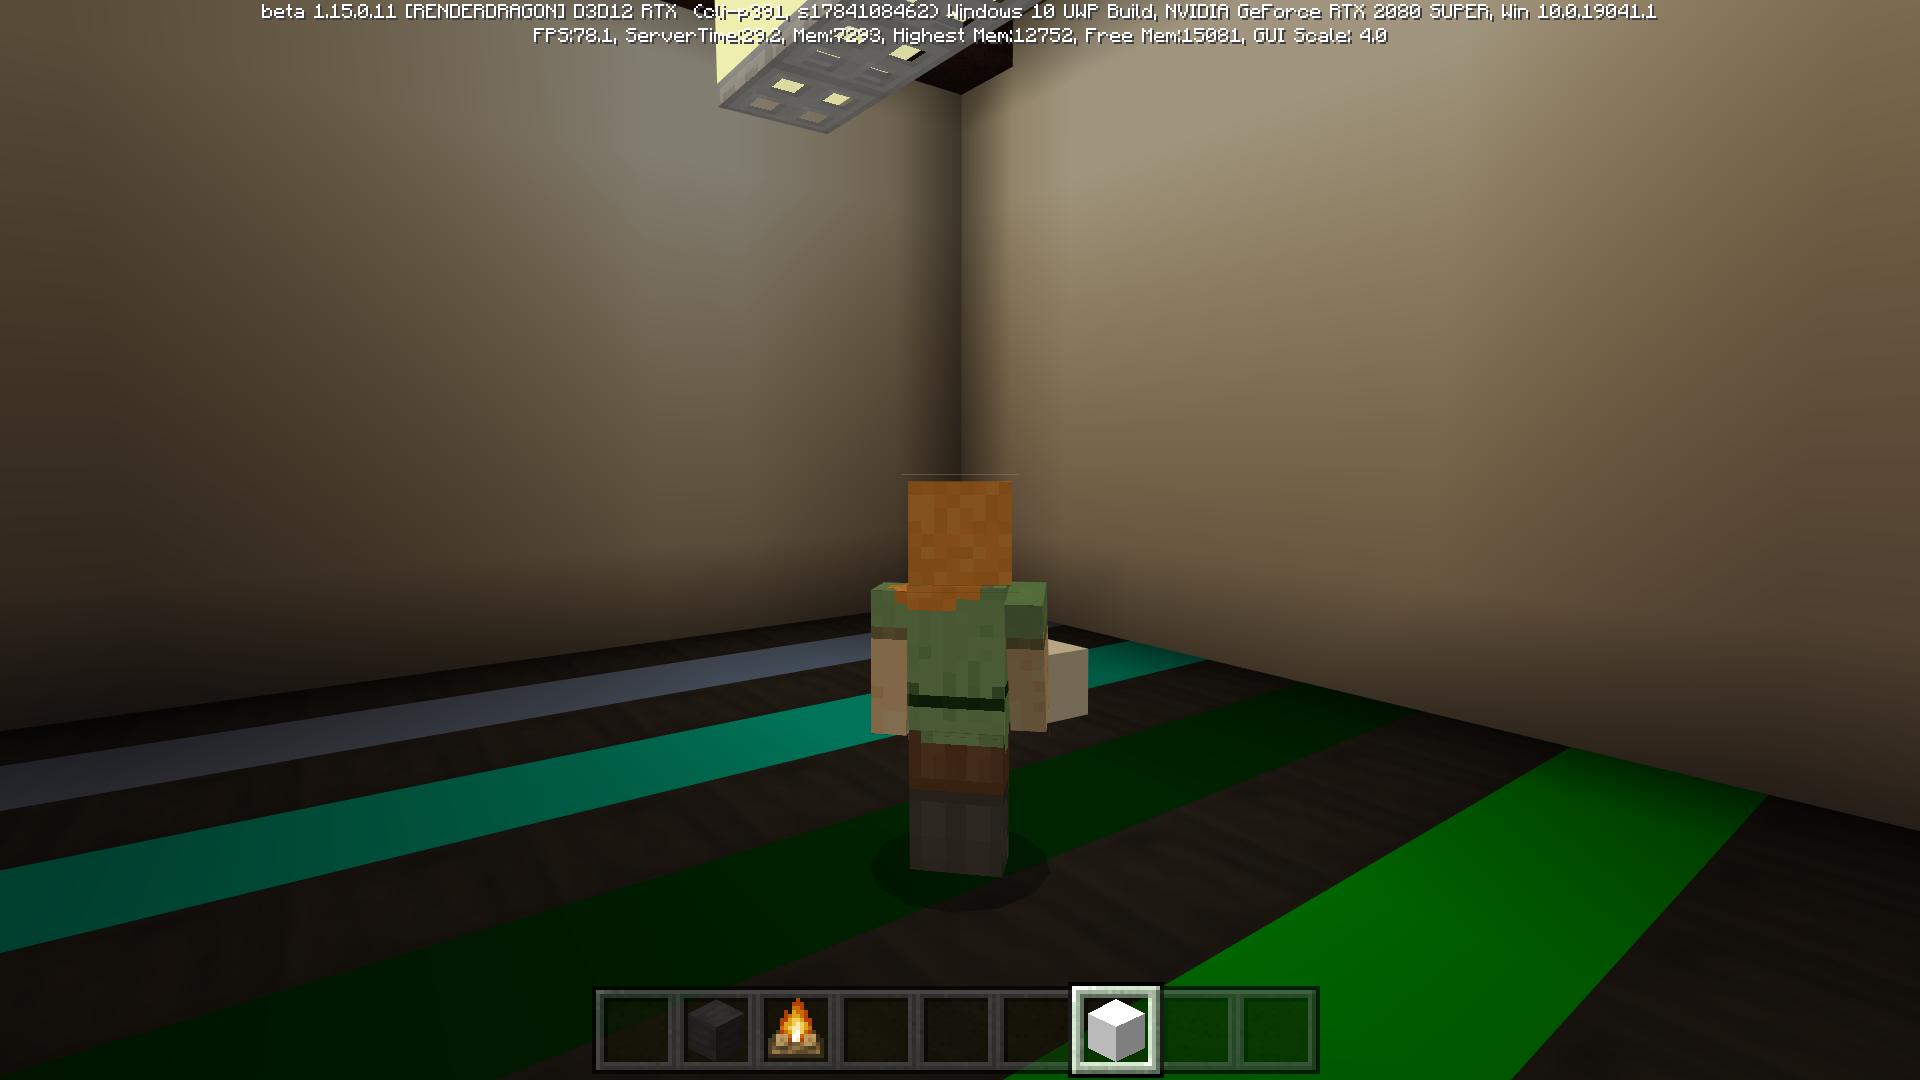 全反射するブロックを使うと鏡の反射によって無限に広がるような部屋も作れる(右)。レイトレーシングをOFFにするとただのブロックだ(左)